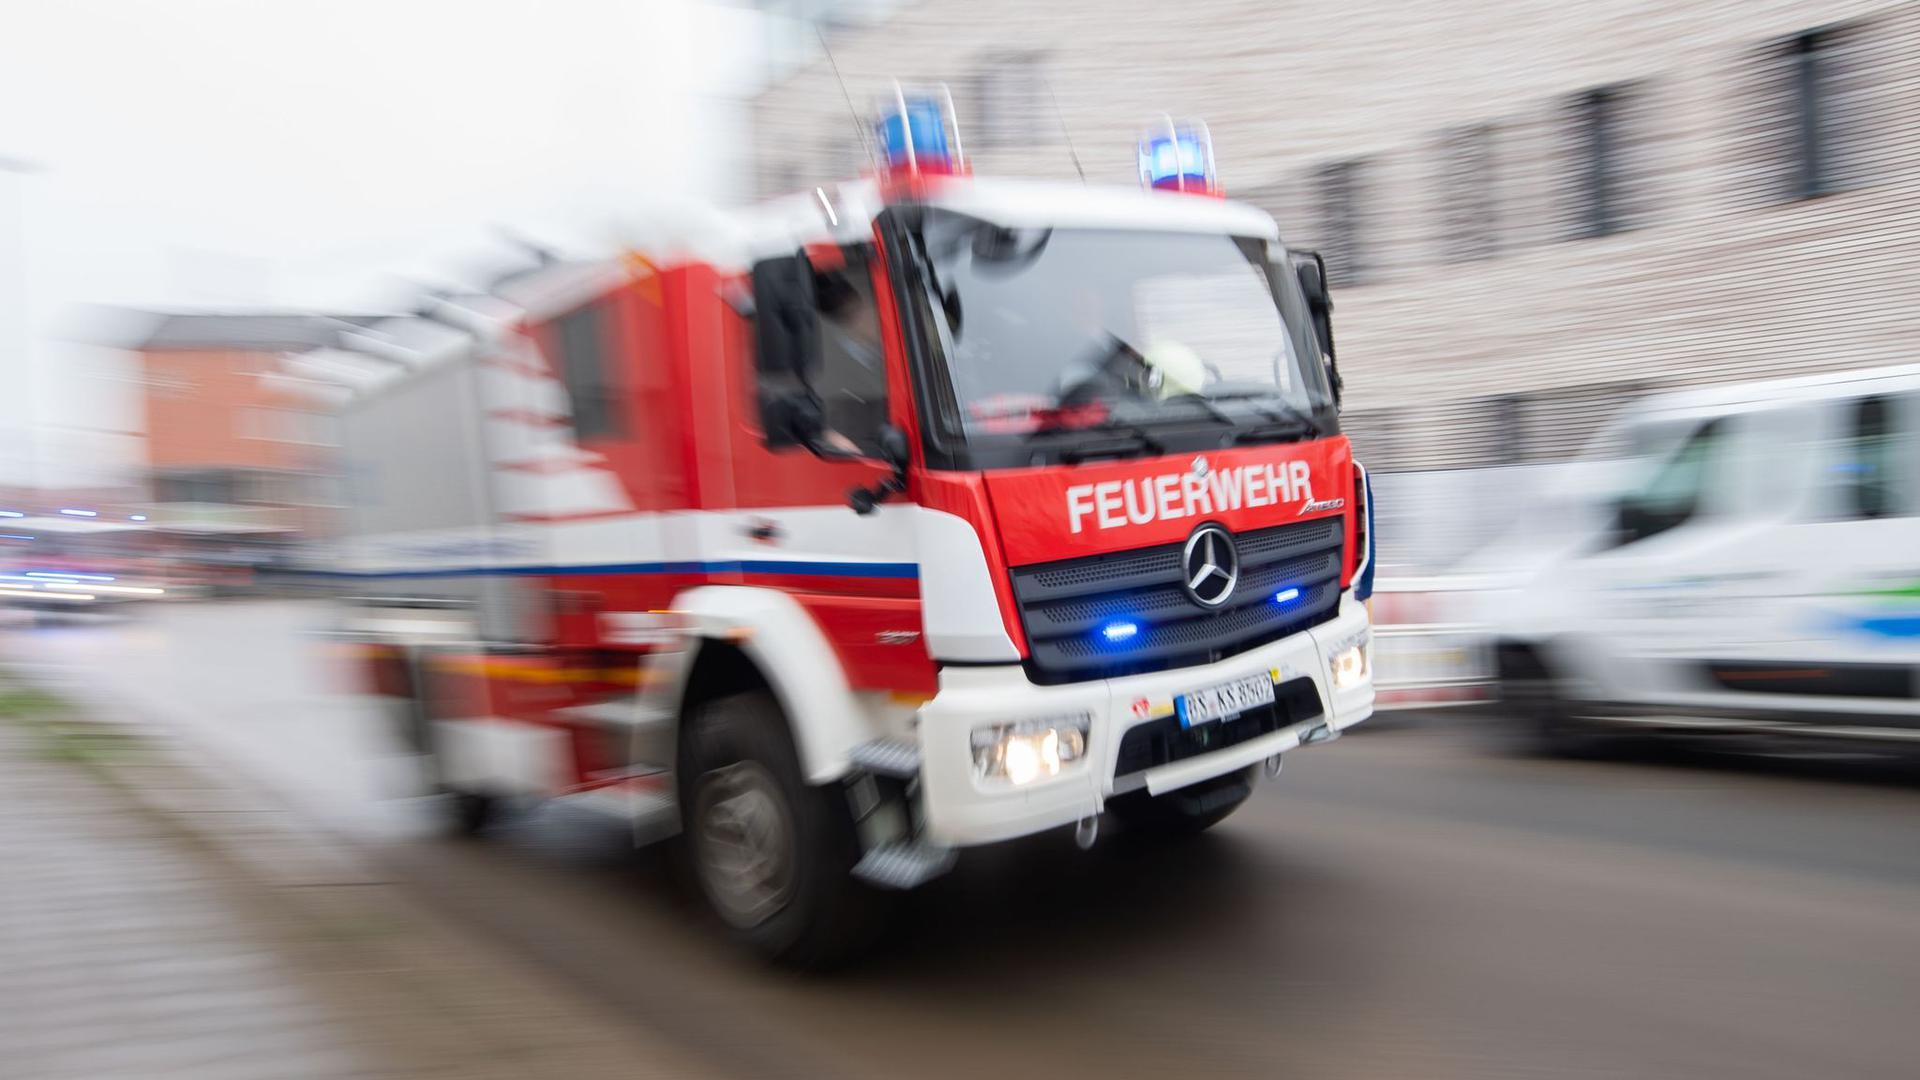 Eine hohe Belastung und Verantwortung für Menschenleben: Im Landkreis Karlsruhe stellen Kommunen besonders Anträge für neue und moderne Einsatzfahrzeuge der Feuerwehr.